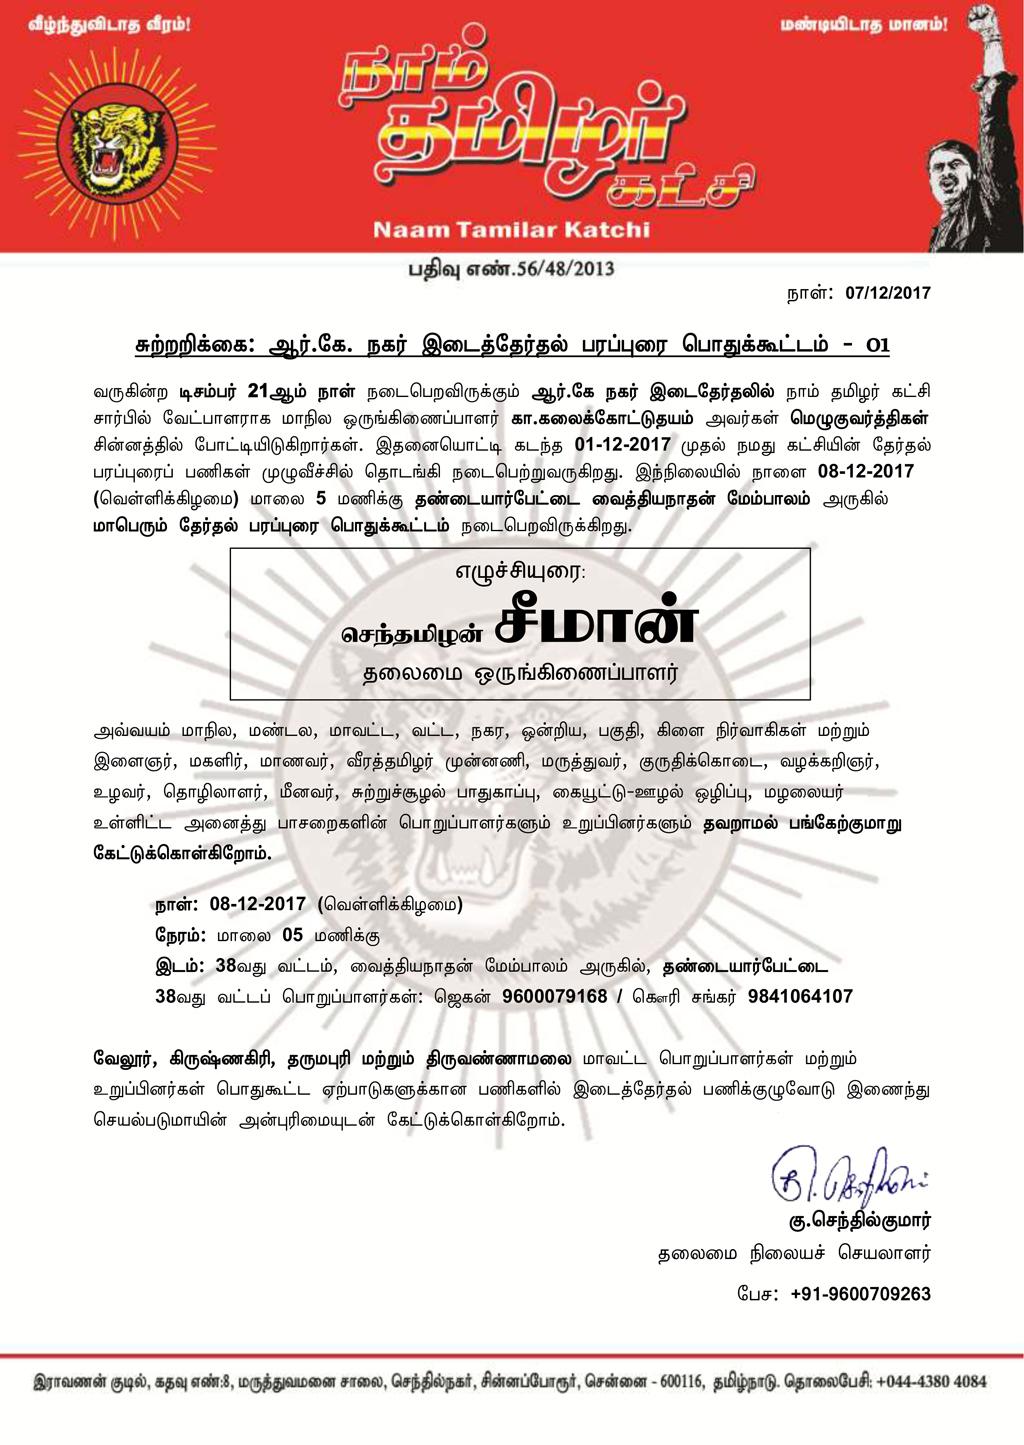 சுற்றறிக்கை: ஆர்.கே. நகர் இடைத்தேர்தல்: மாபெரும் பரப்புரை பொதுக்கூட்டம் – தண்டையார்பேட்டை rk nagar by poll naam tamilar katchi seeman election campaign meeting thondaiyarpet announcement 08 12 2017